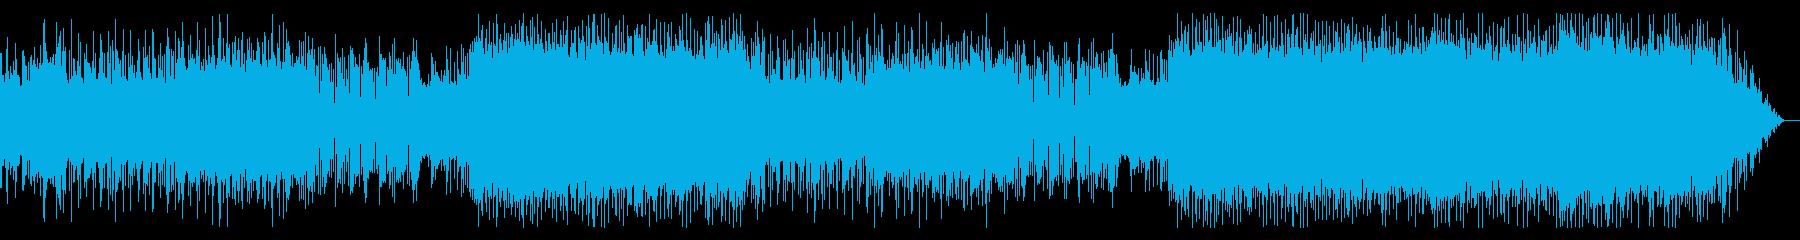 8弦ギターが特徴のシンフォニックメタルの再生済みの波形